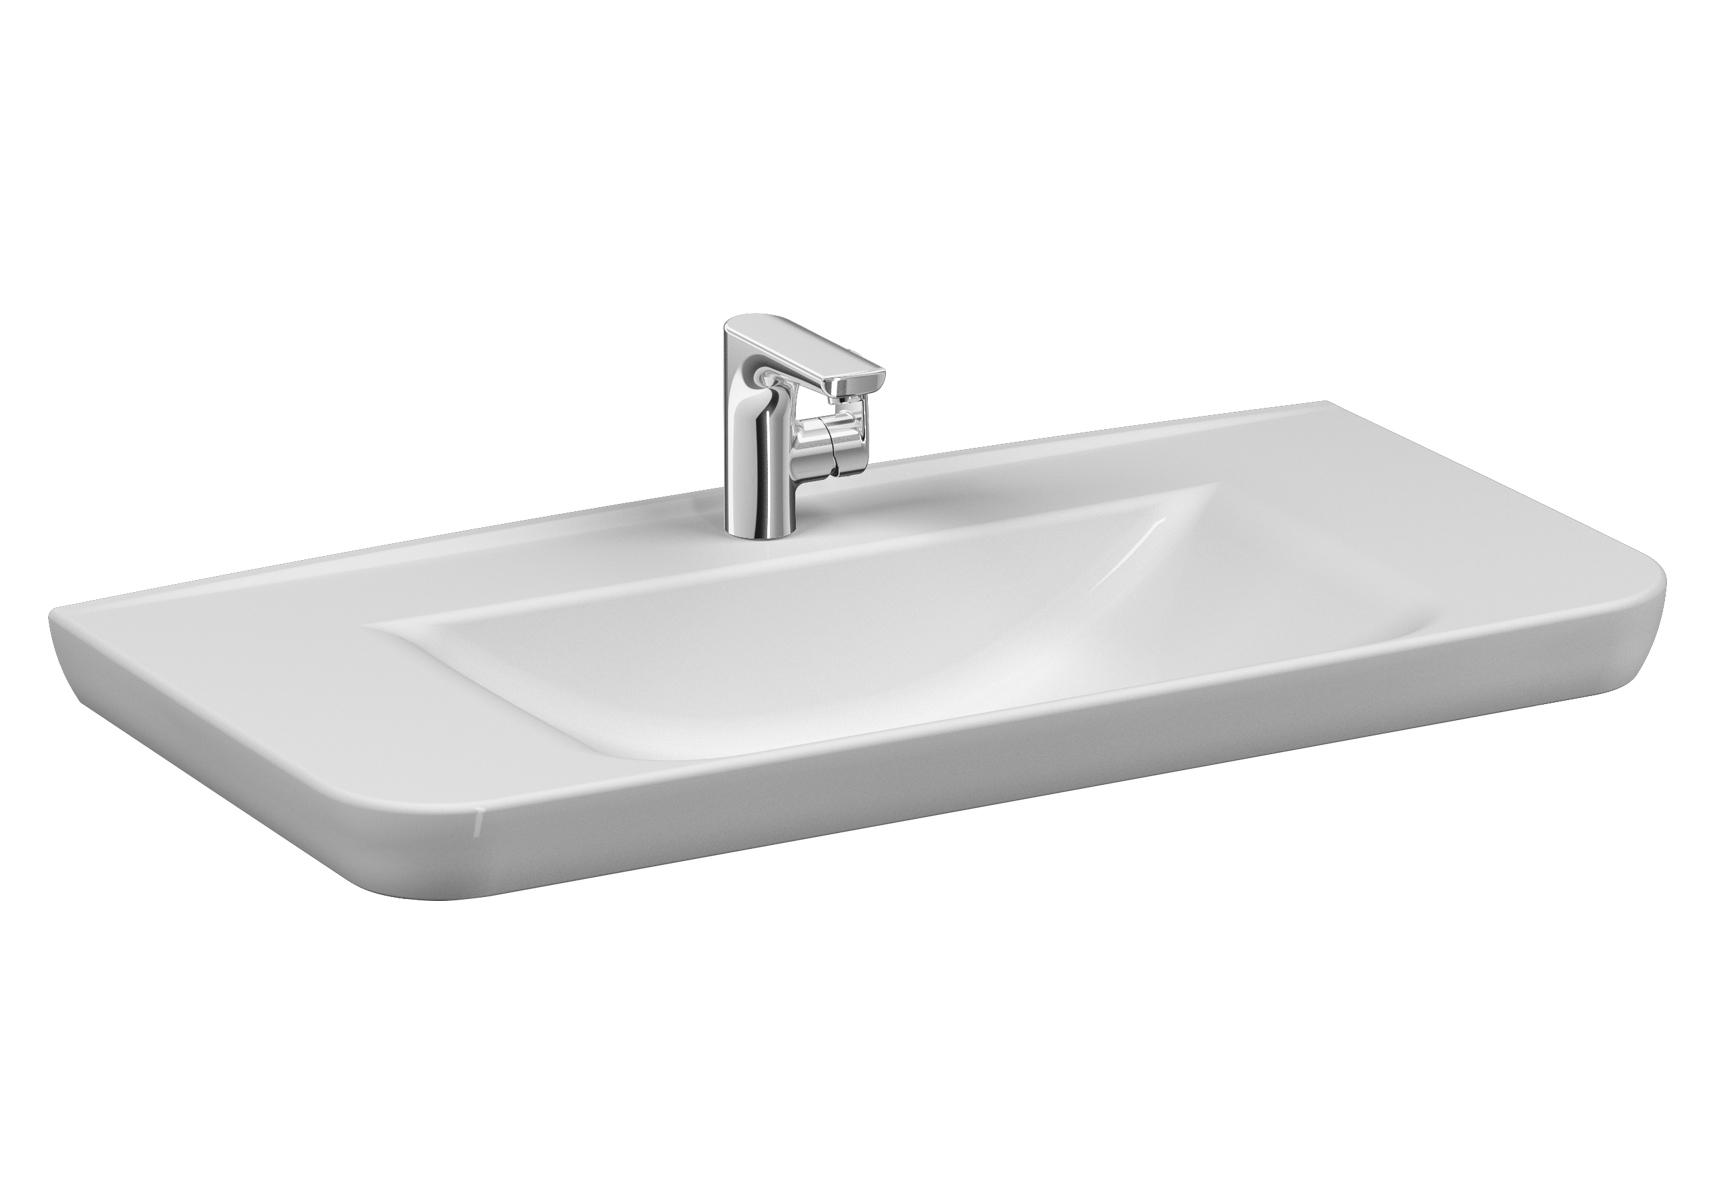 Sento Waschtisch, 98 cm, mit Hahnloch mittig, mit Überlaufloch mittig,Weiß, VitrA Clean